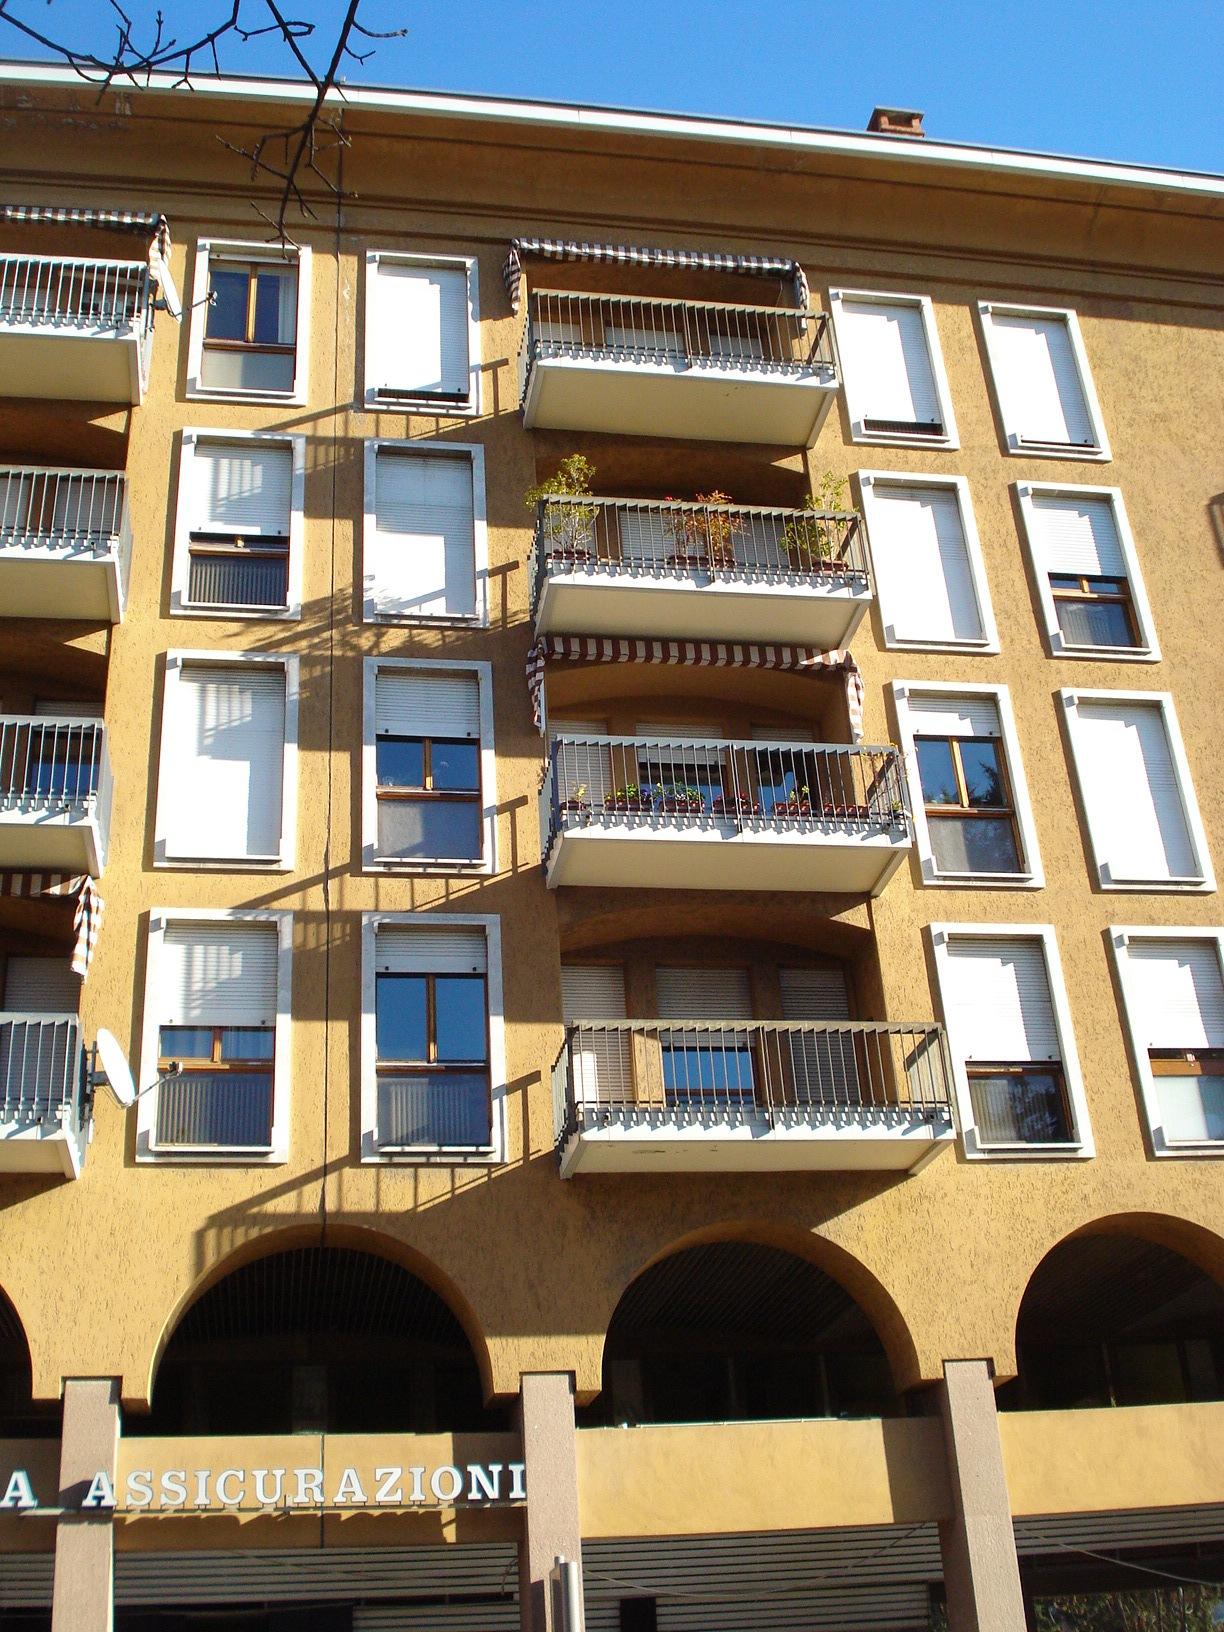 Appartamento in affitto a Biella, 4 locali, zona Zona: Centro, prezzo € 550 | Cambio Casa.it